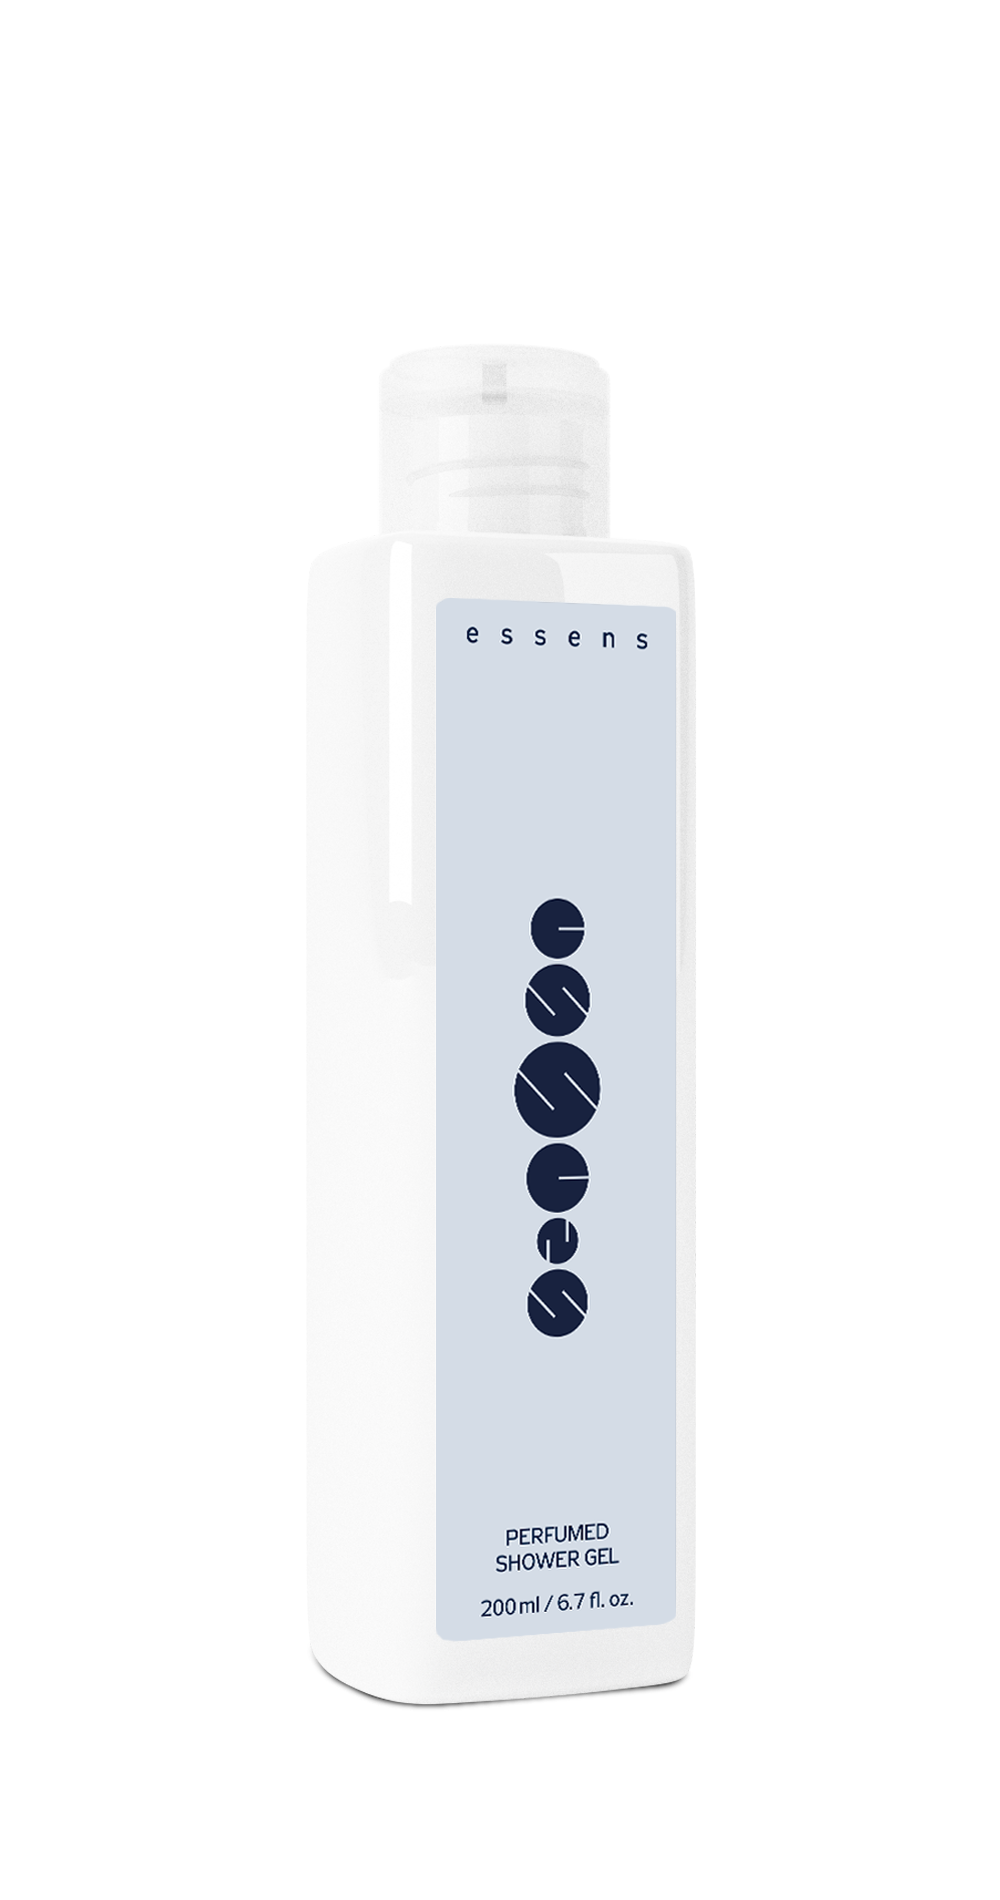 ESSENS w107 Objem: Sprchový gel 200ml